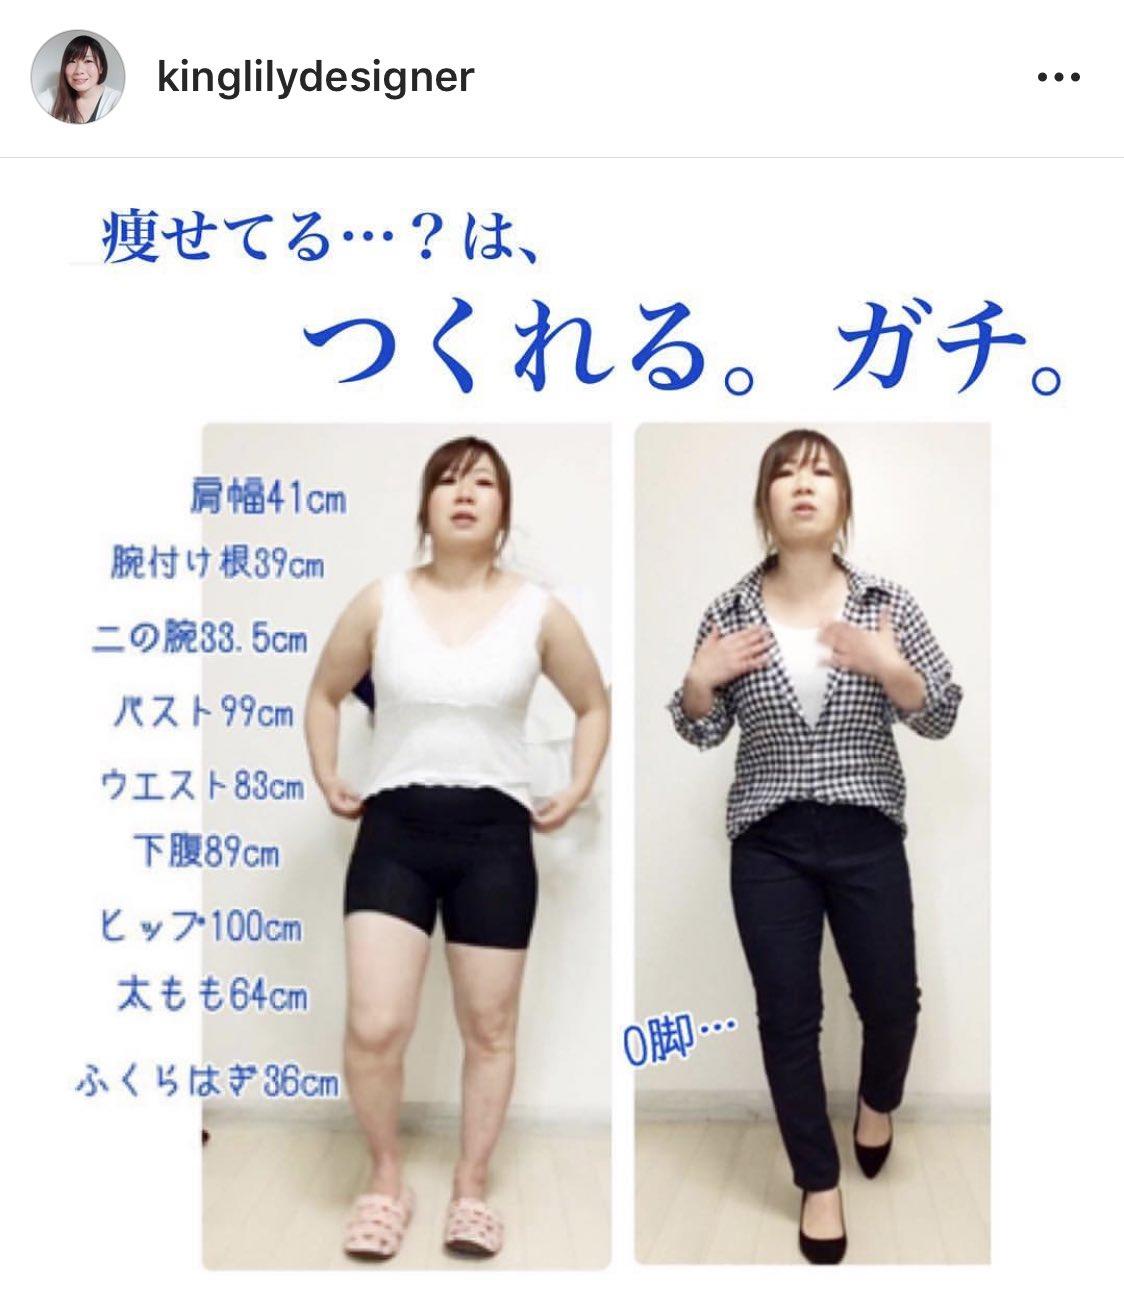 この方の着痩せテクが凄すぎてむさぼり見てしまった。どこをどうすれば着痩せして見えるかポイントを説明してくれてるし、身体のサイズも細かく記載があってめちゃくちゃ参考になる!